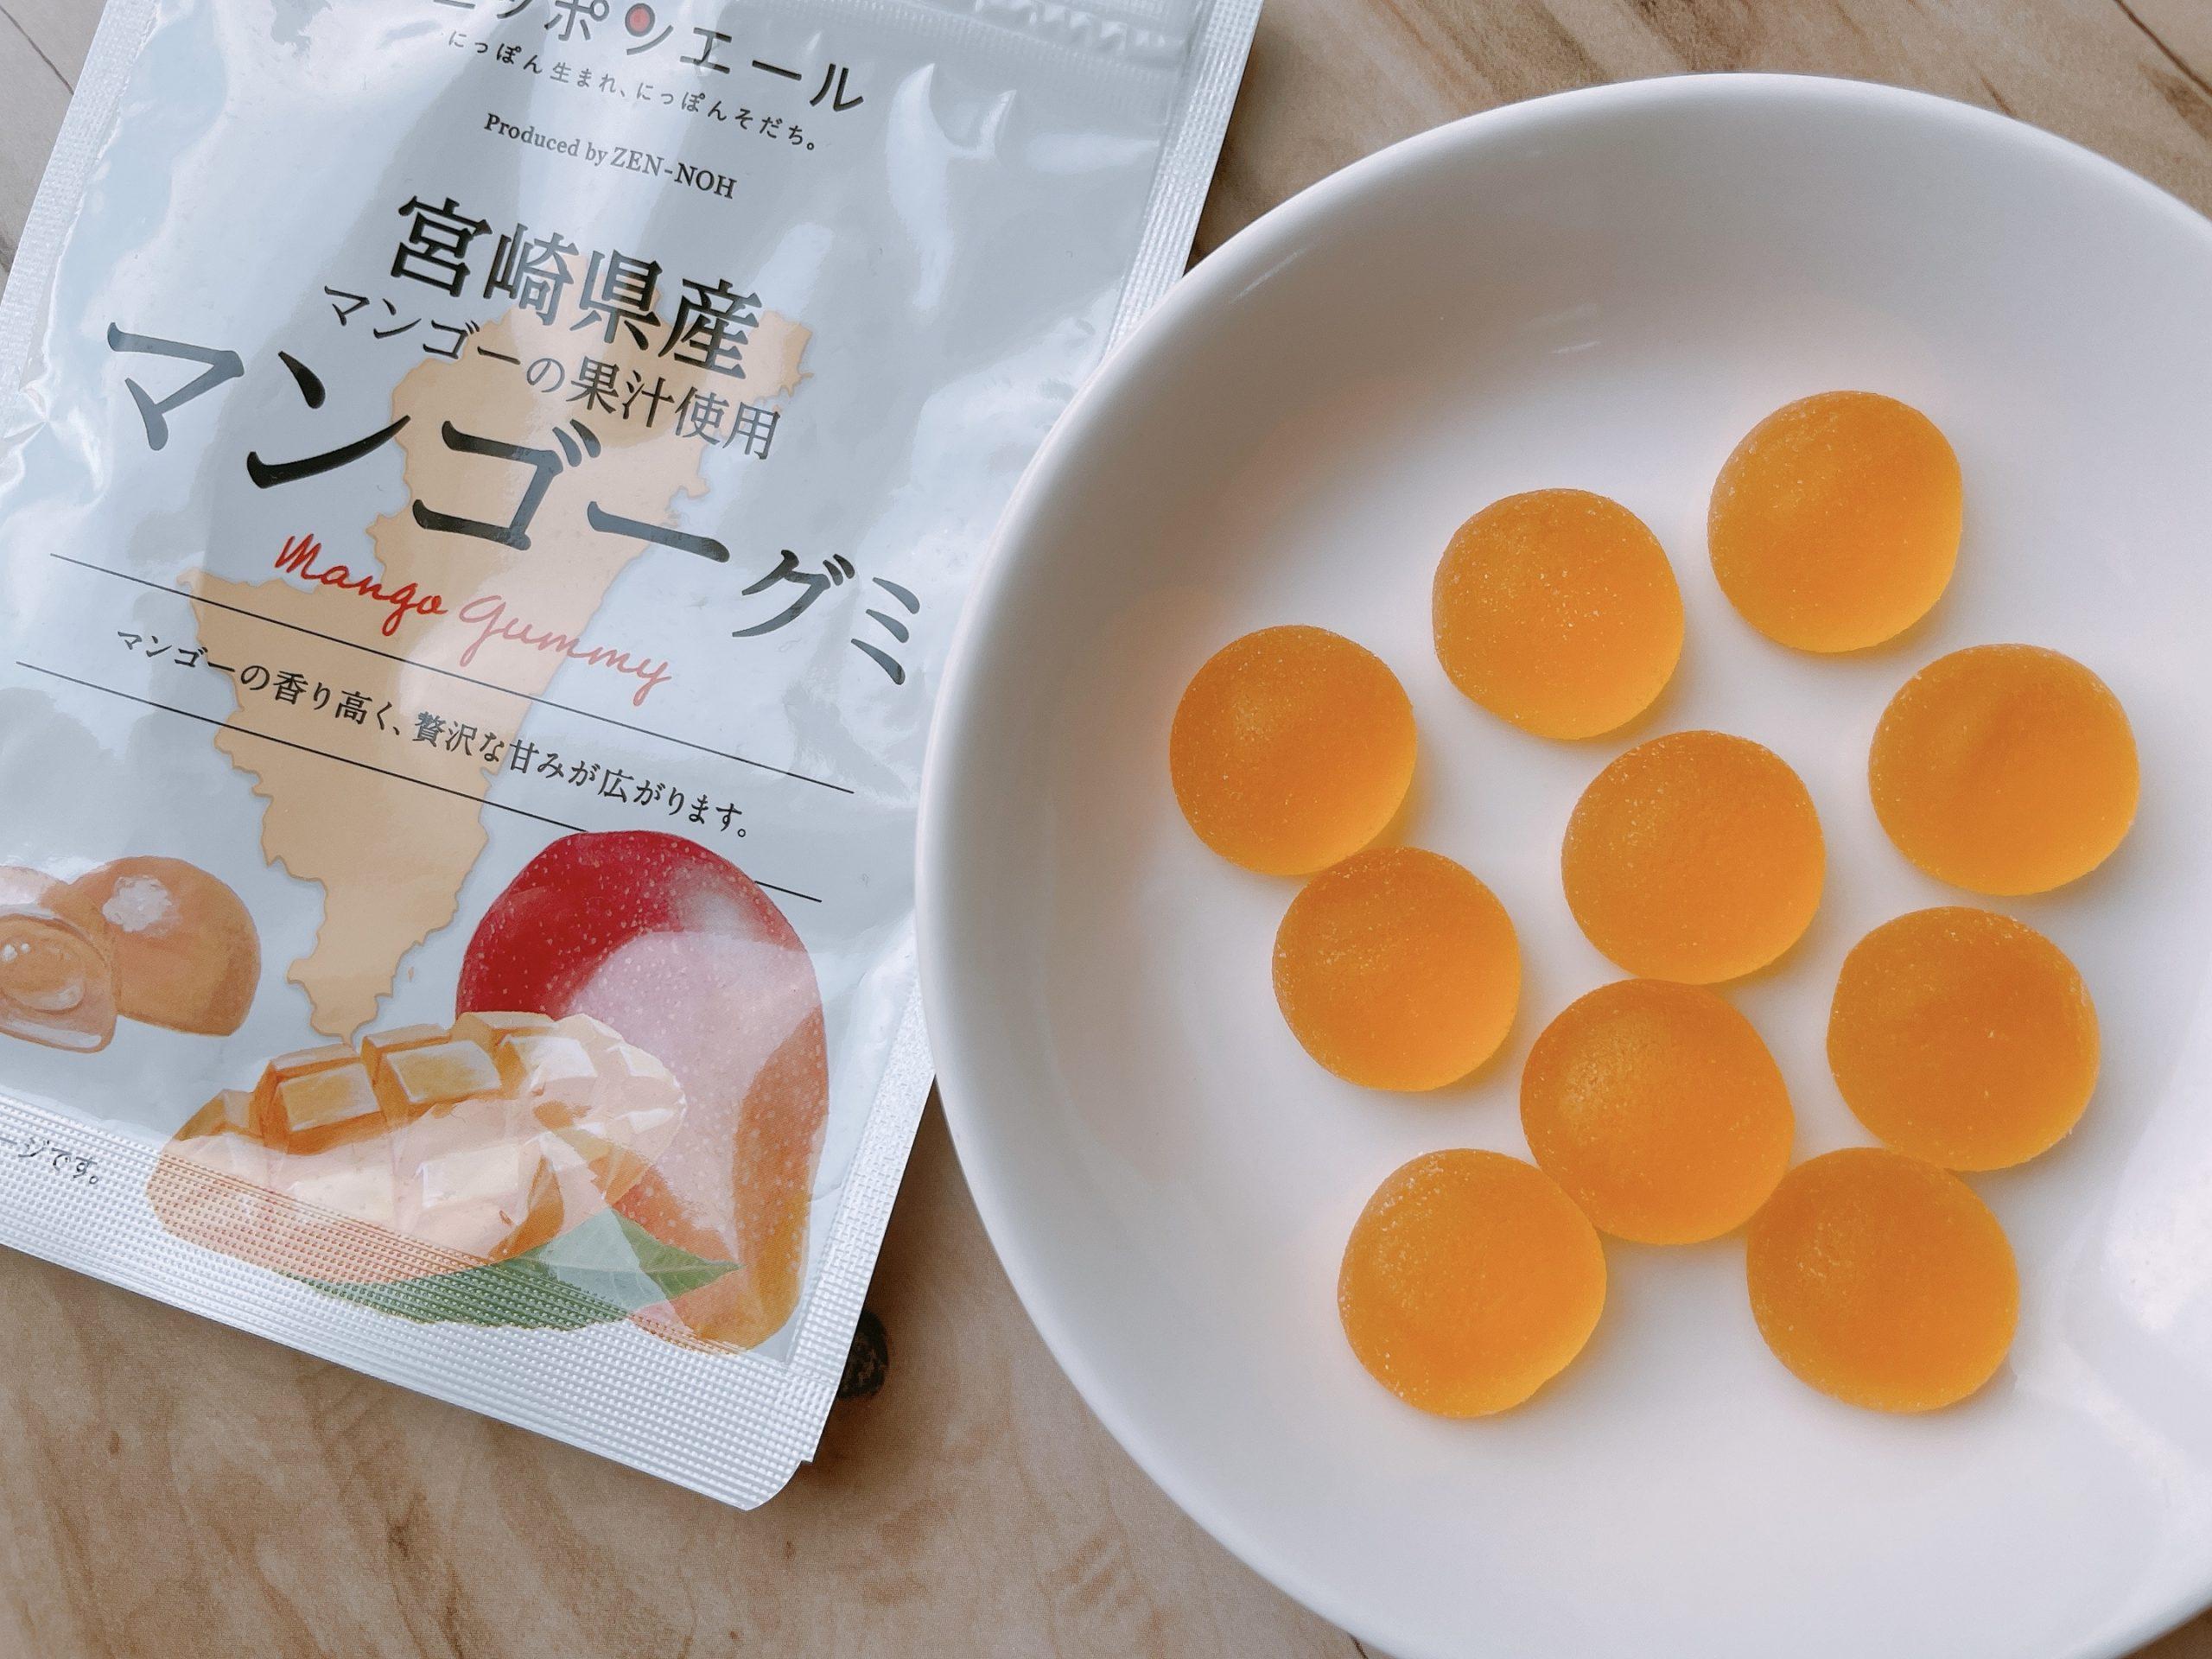 ニッポンエールの宮崎県産マンゴーグミ